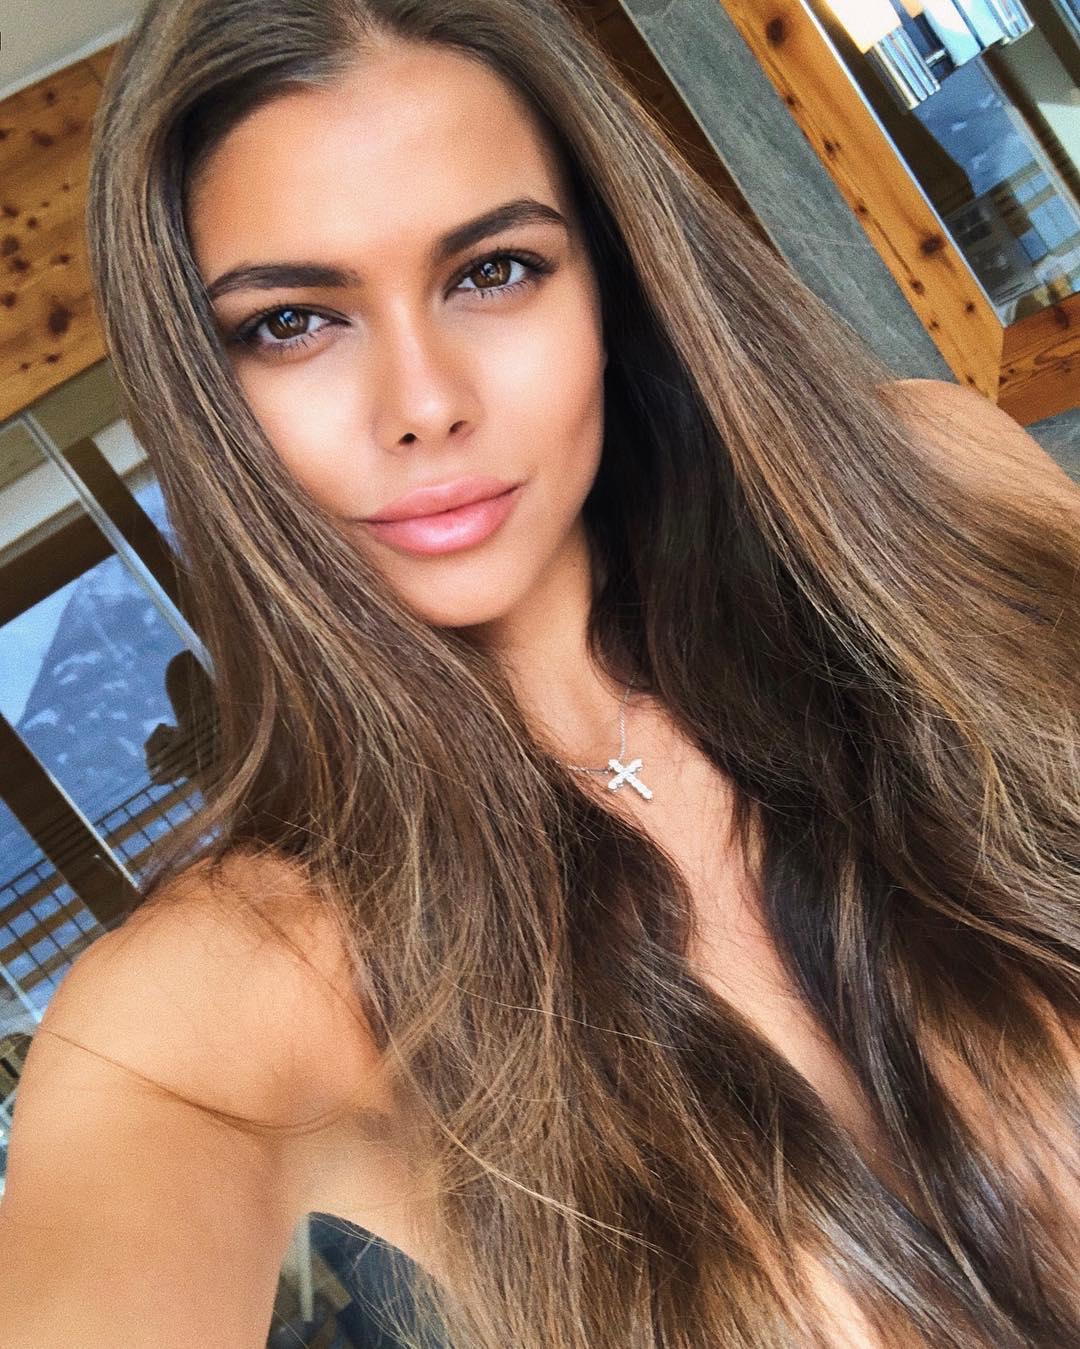 Video Rosa Mendes nude (49 pics), Boobs